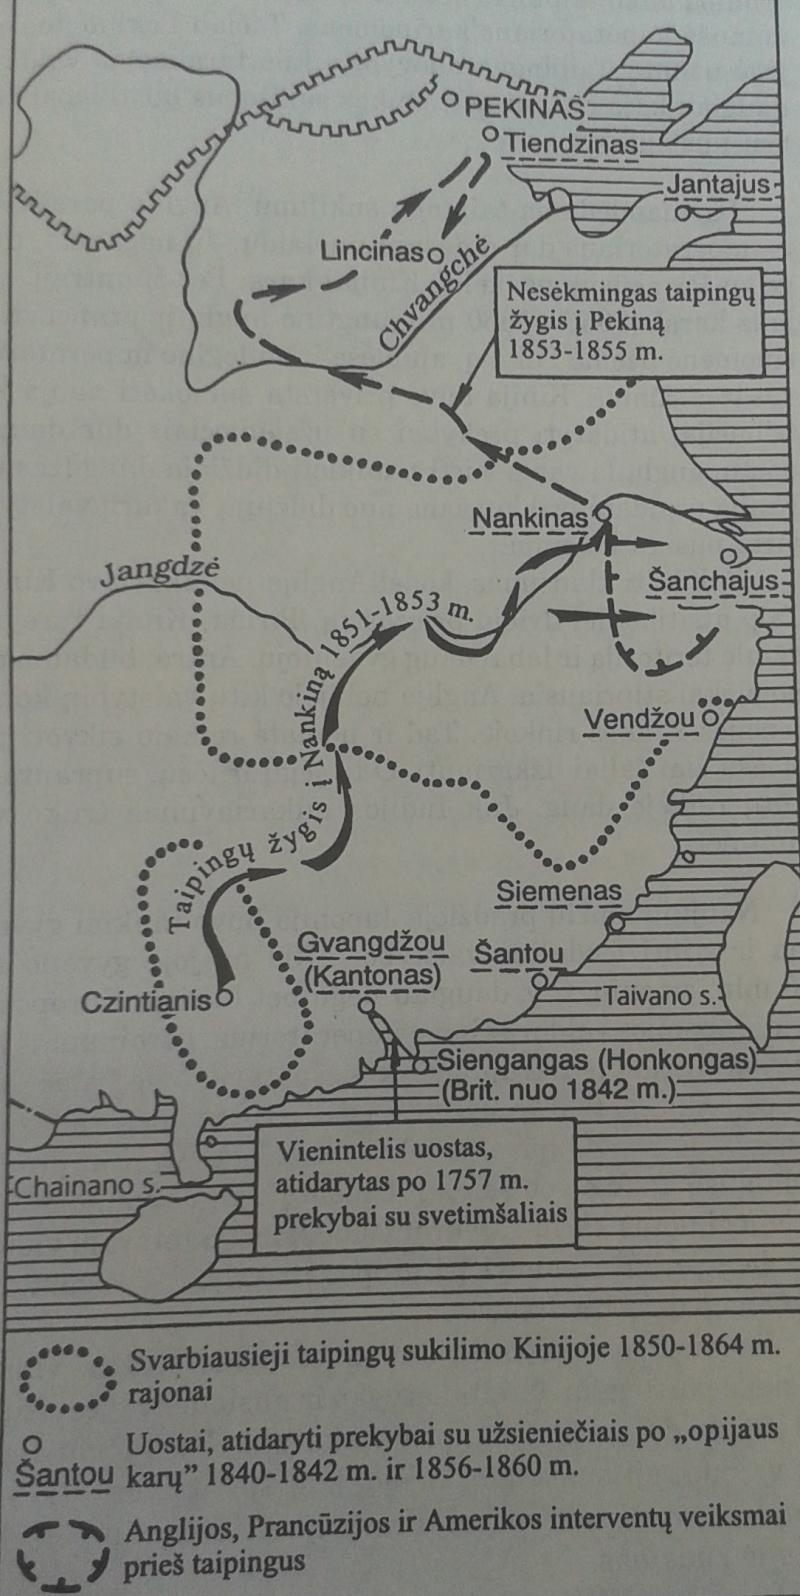 Taipingų sukilimas Kinijoje 1850-1864 m.